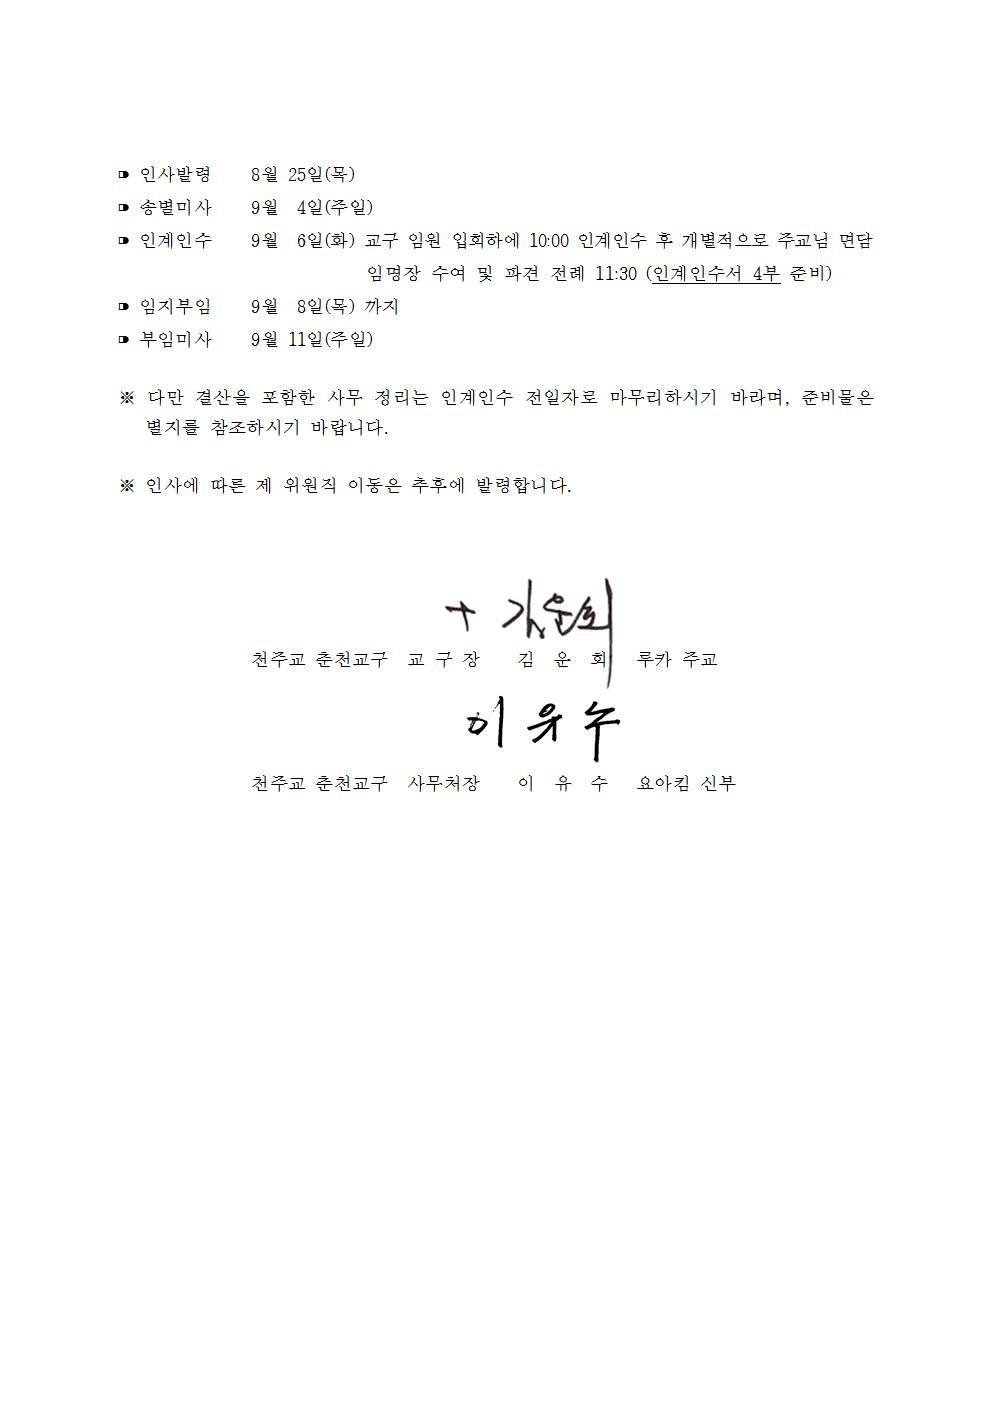 춘교 16-0056호 사제 정기 인사002.jpg